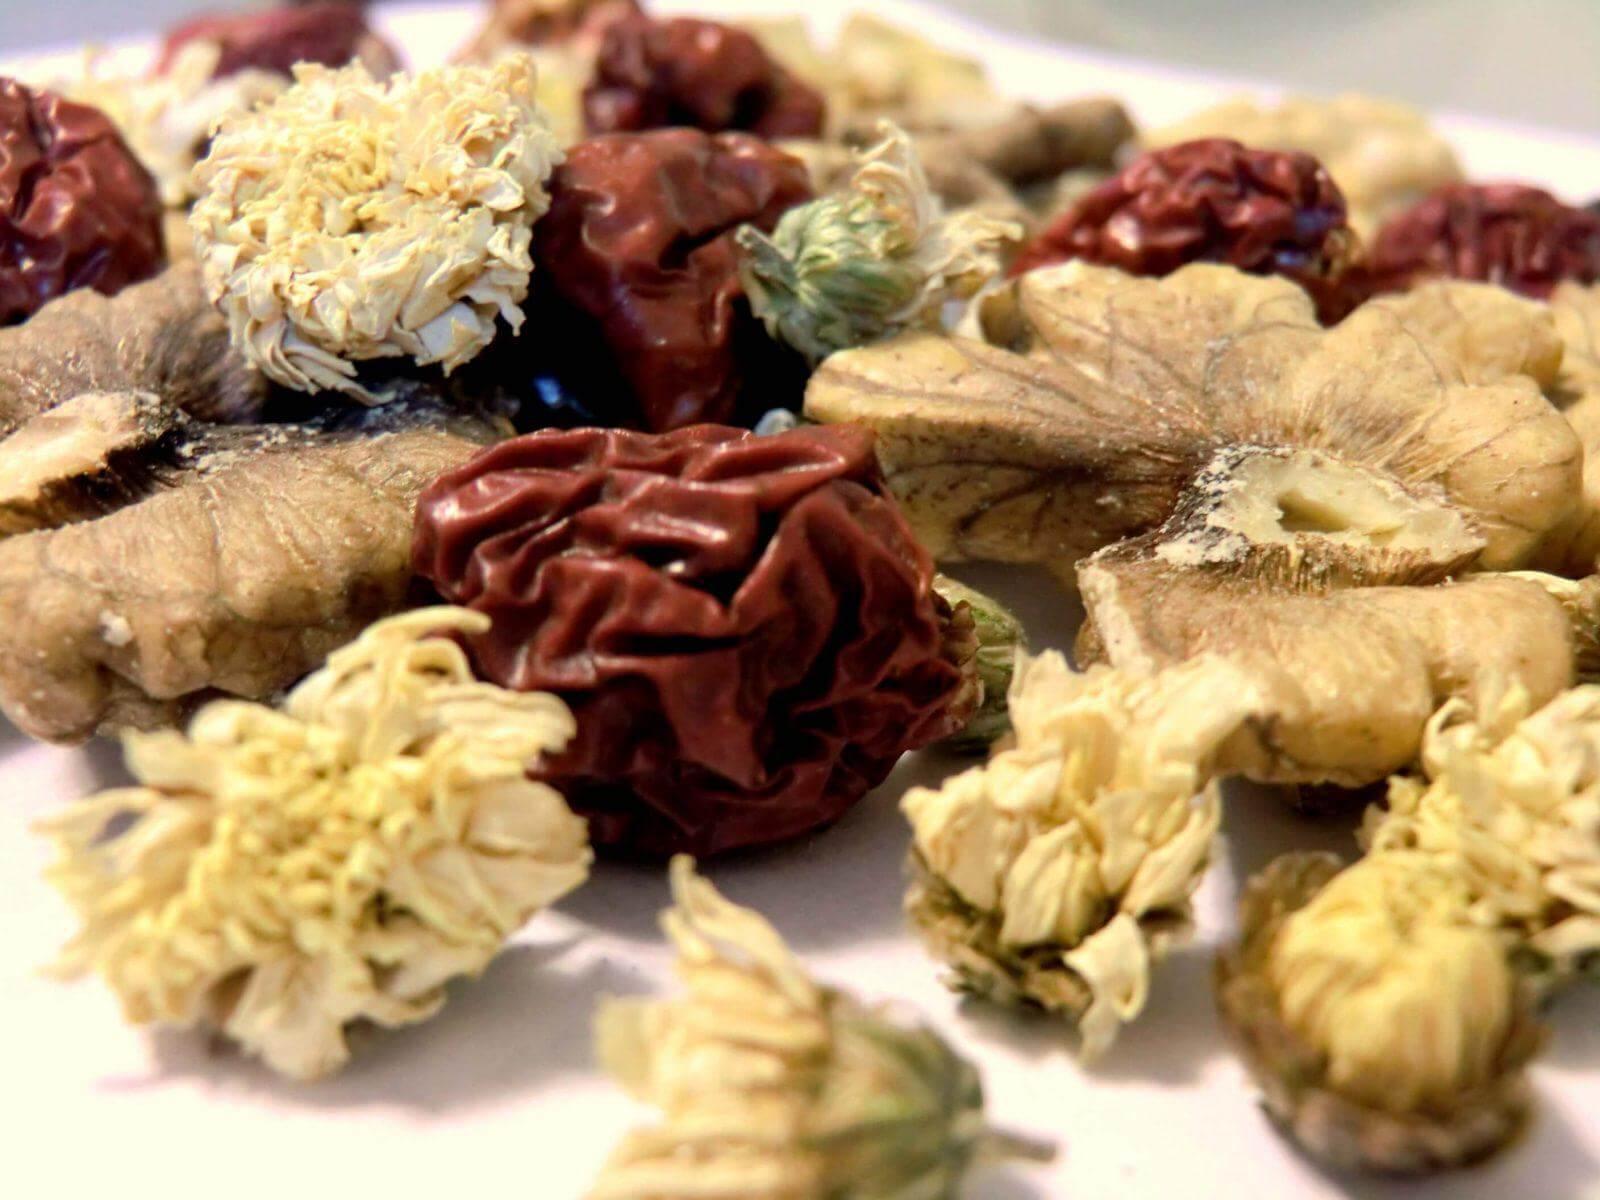 צמחי מרפא של היומיום- במטבח שלכם, למען הבריאות שלכם